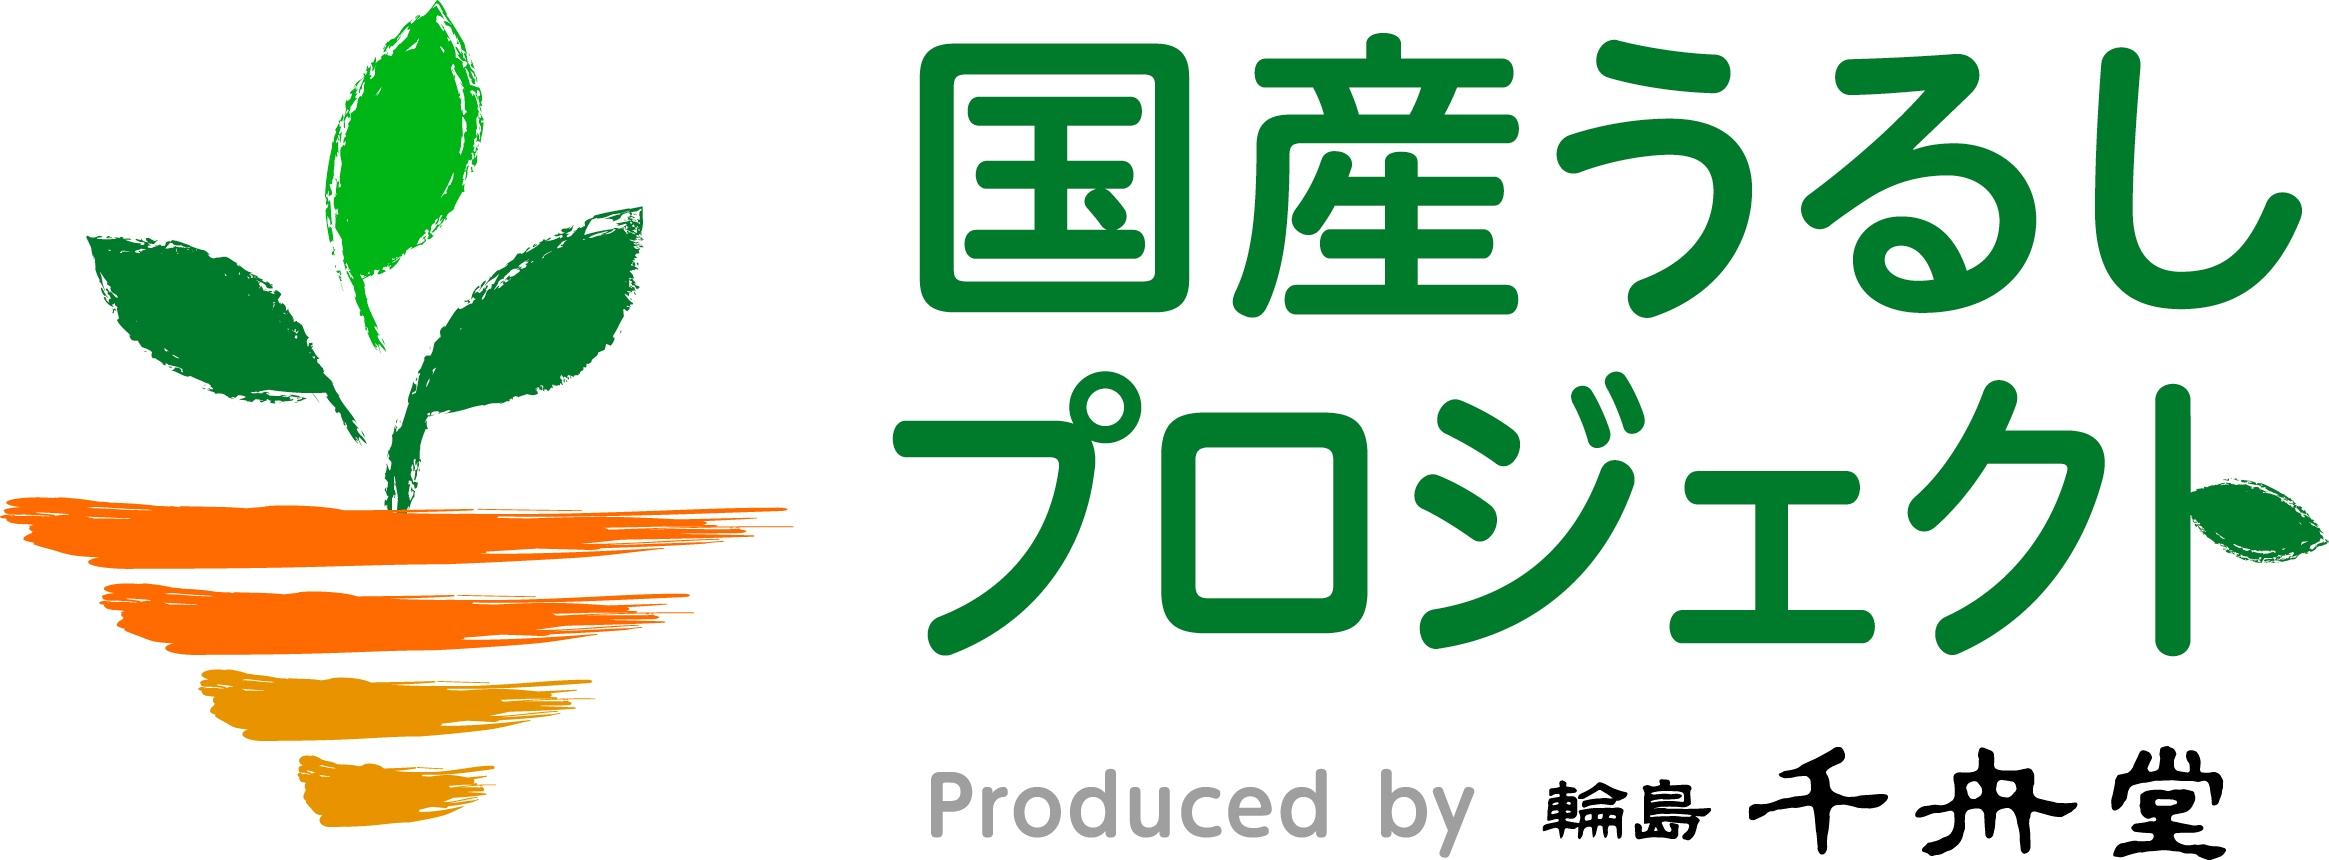 国産うるしプロジェクト by 千舟堂